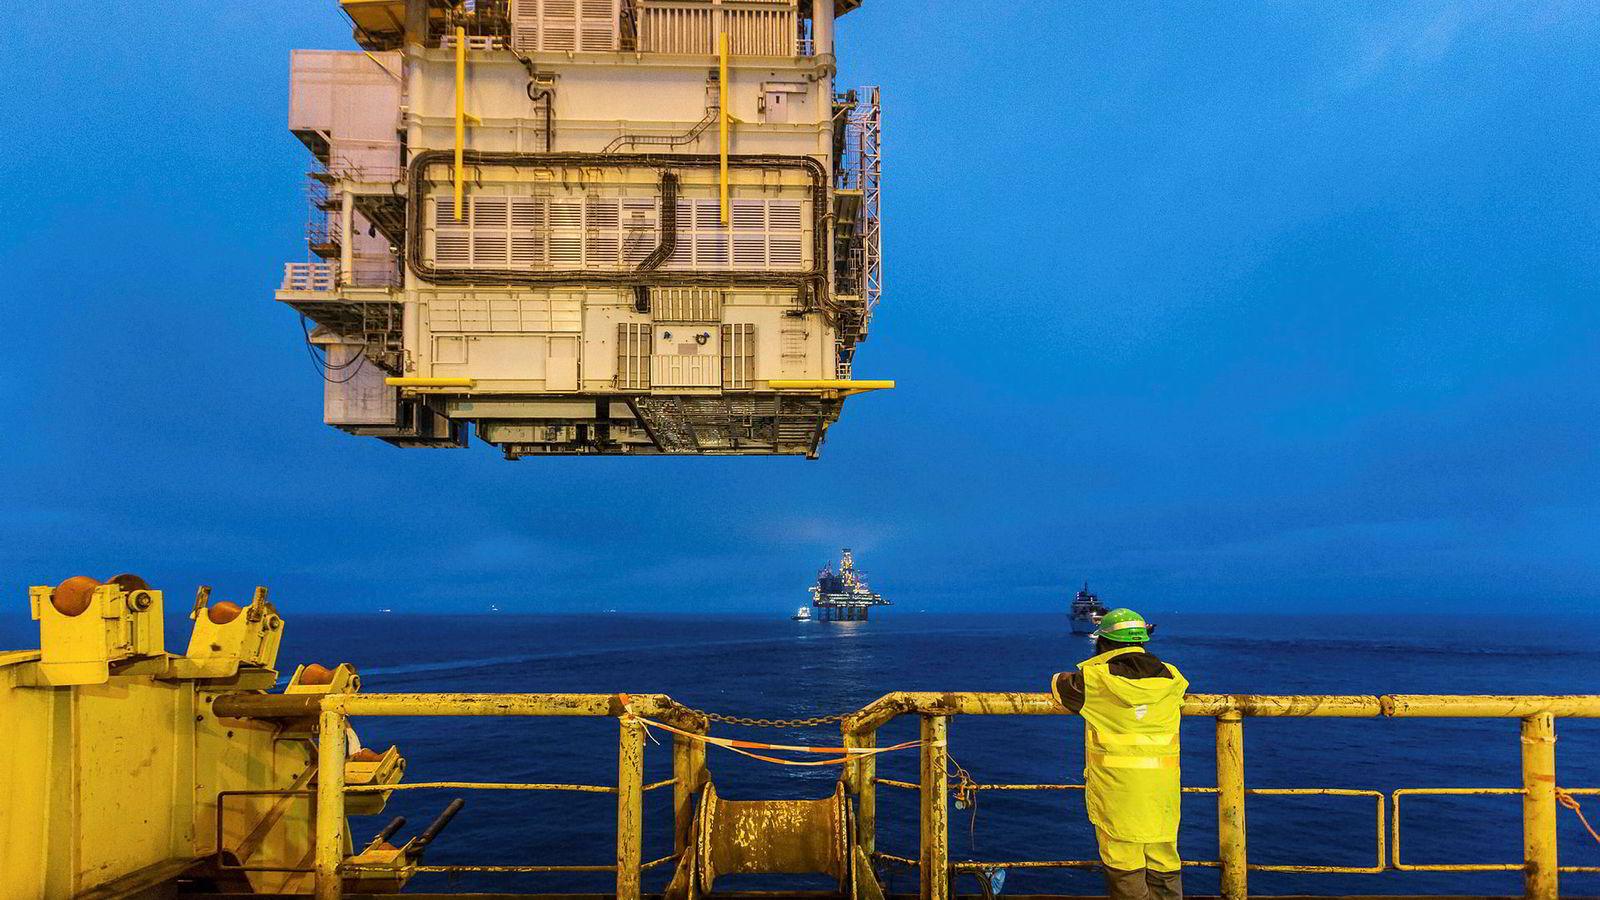 Et salg av energiaksjer vil ikke gjøre Norges næringsliv eller arbeidsstyrke mer omstillingsdyktig i møte med lavere oljepris. Statens oljeinntekter vil falle, men forestillingen om at dette kan motvirkes krone-for-krone ved å selge energiaksjer, stemmer ikke, skriver innleggsforfatterne. Her fra Gina Krog-feltet i Nordsjøen.